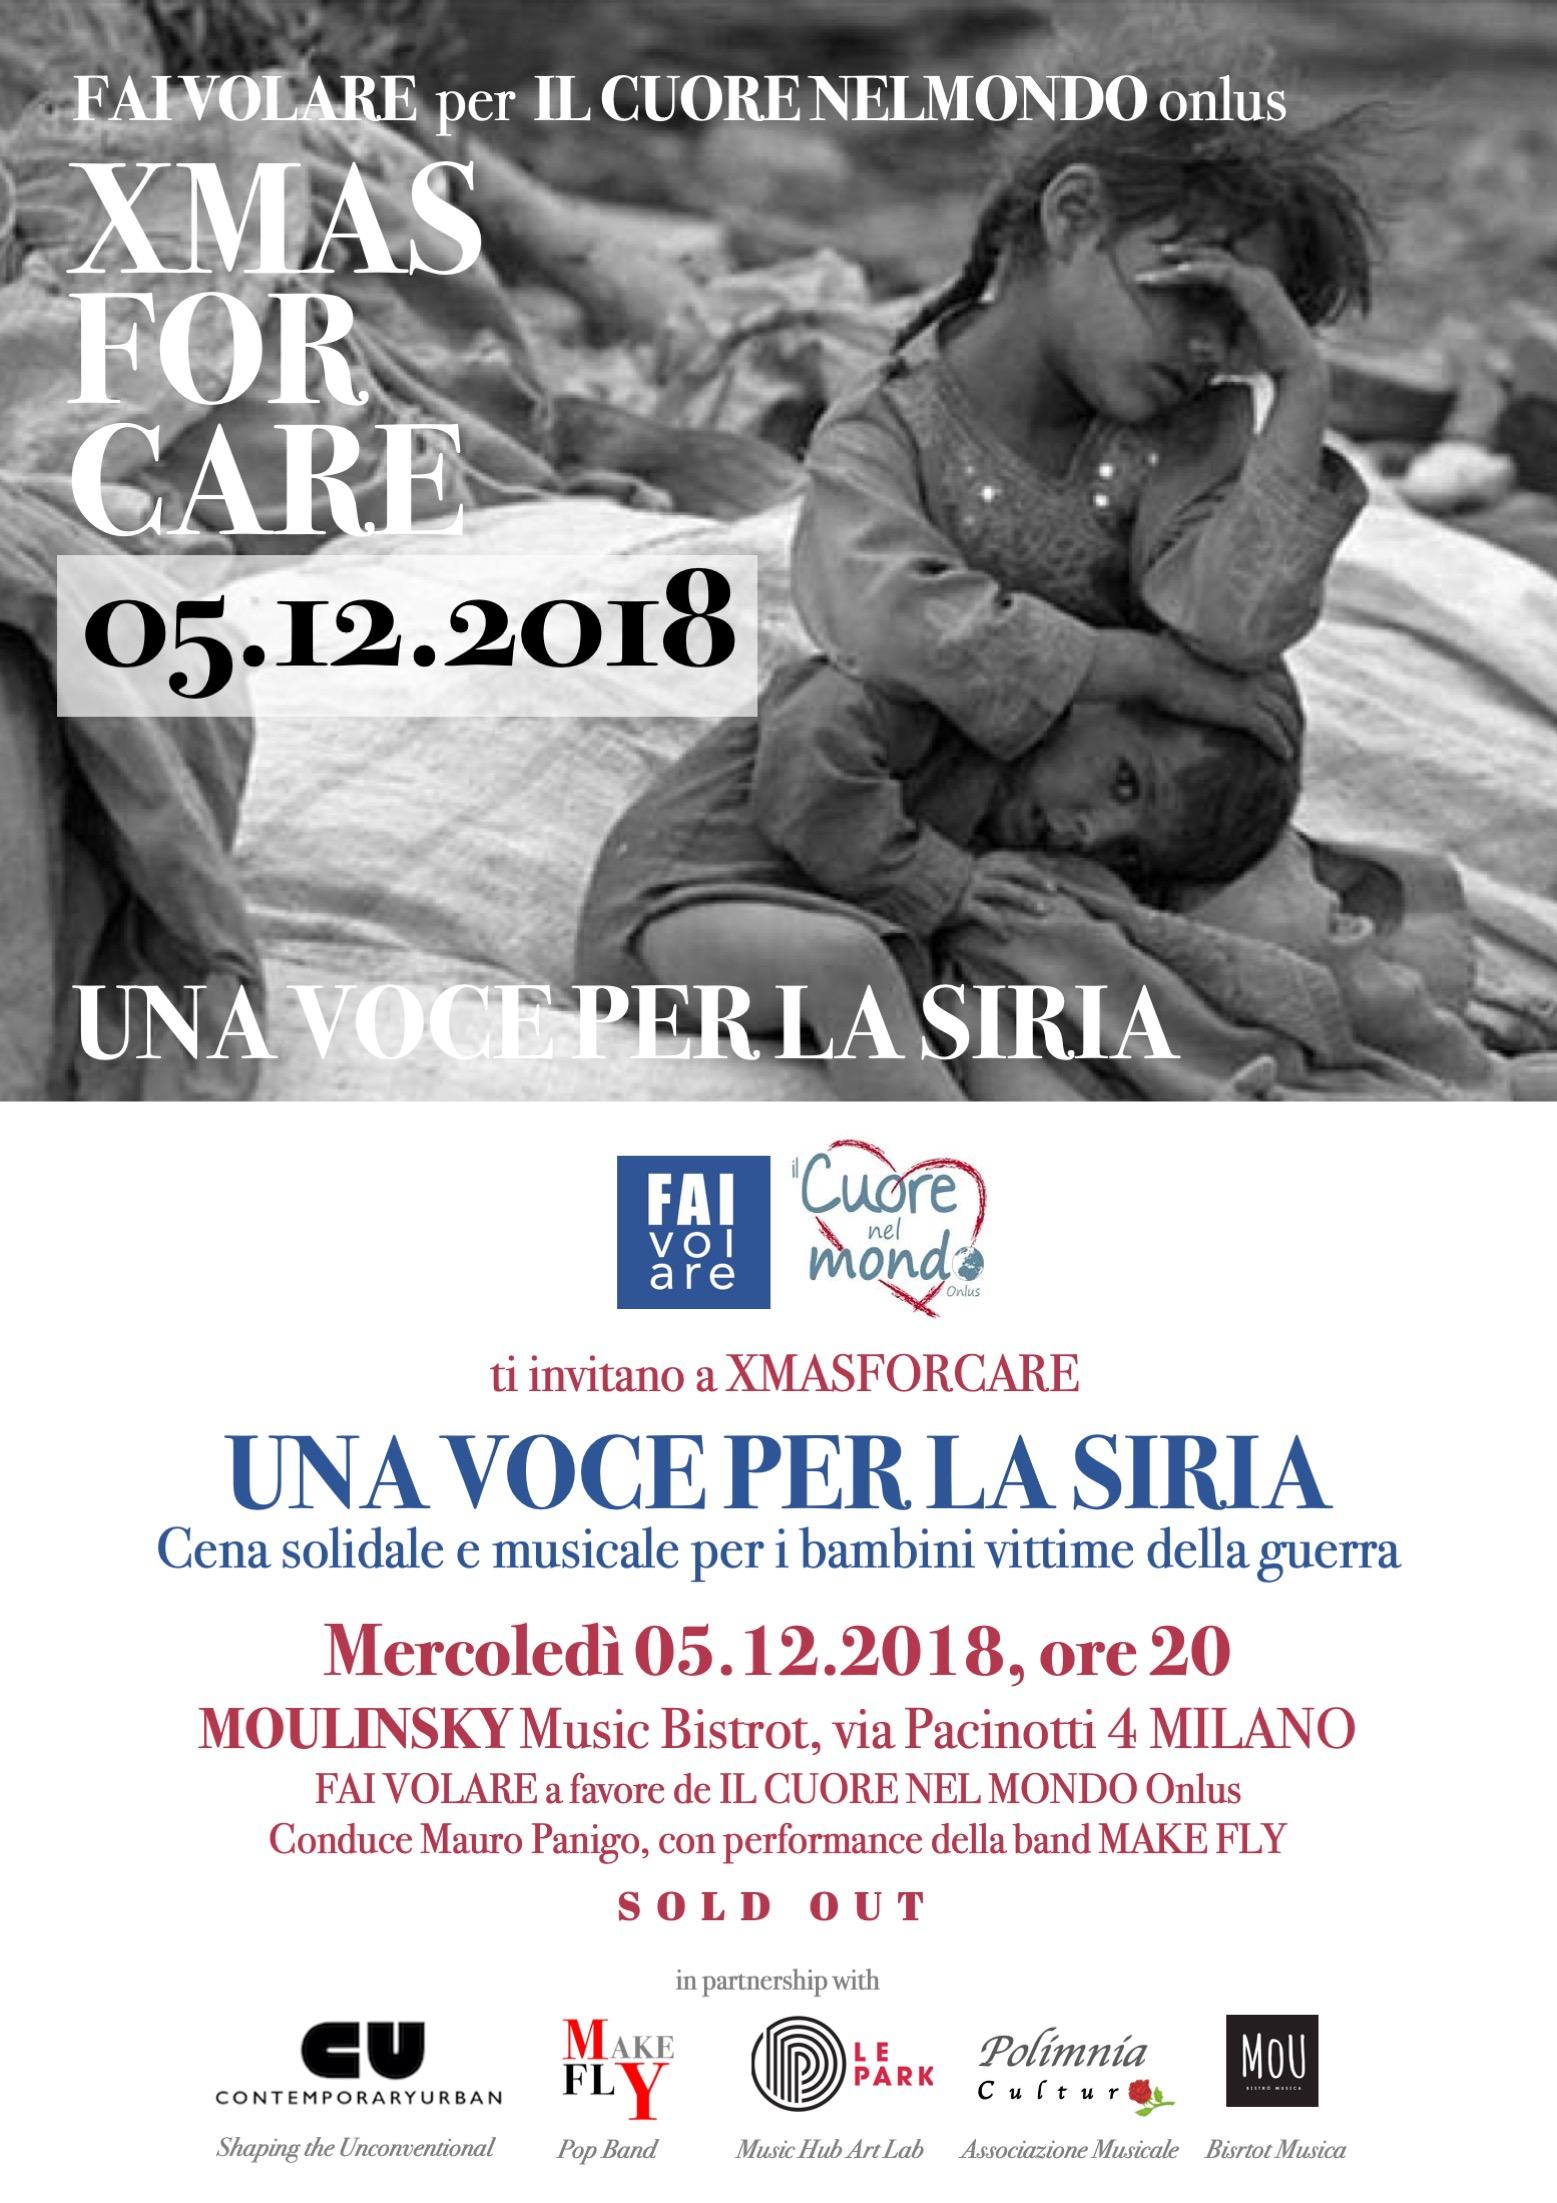 XMASFORCARE. UNA VOCE PER LA SIRIA, 05.12.2018